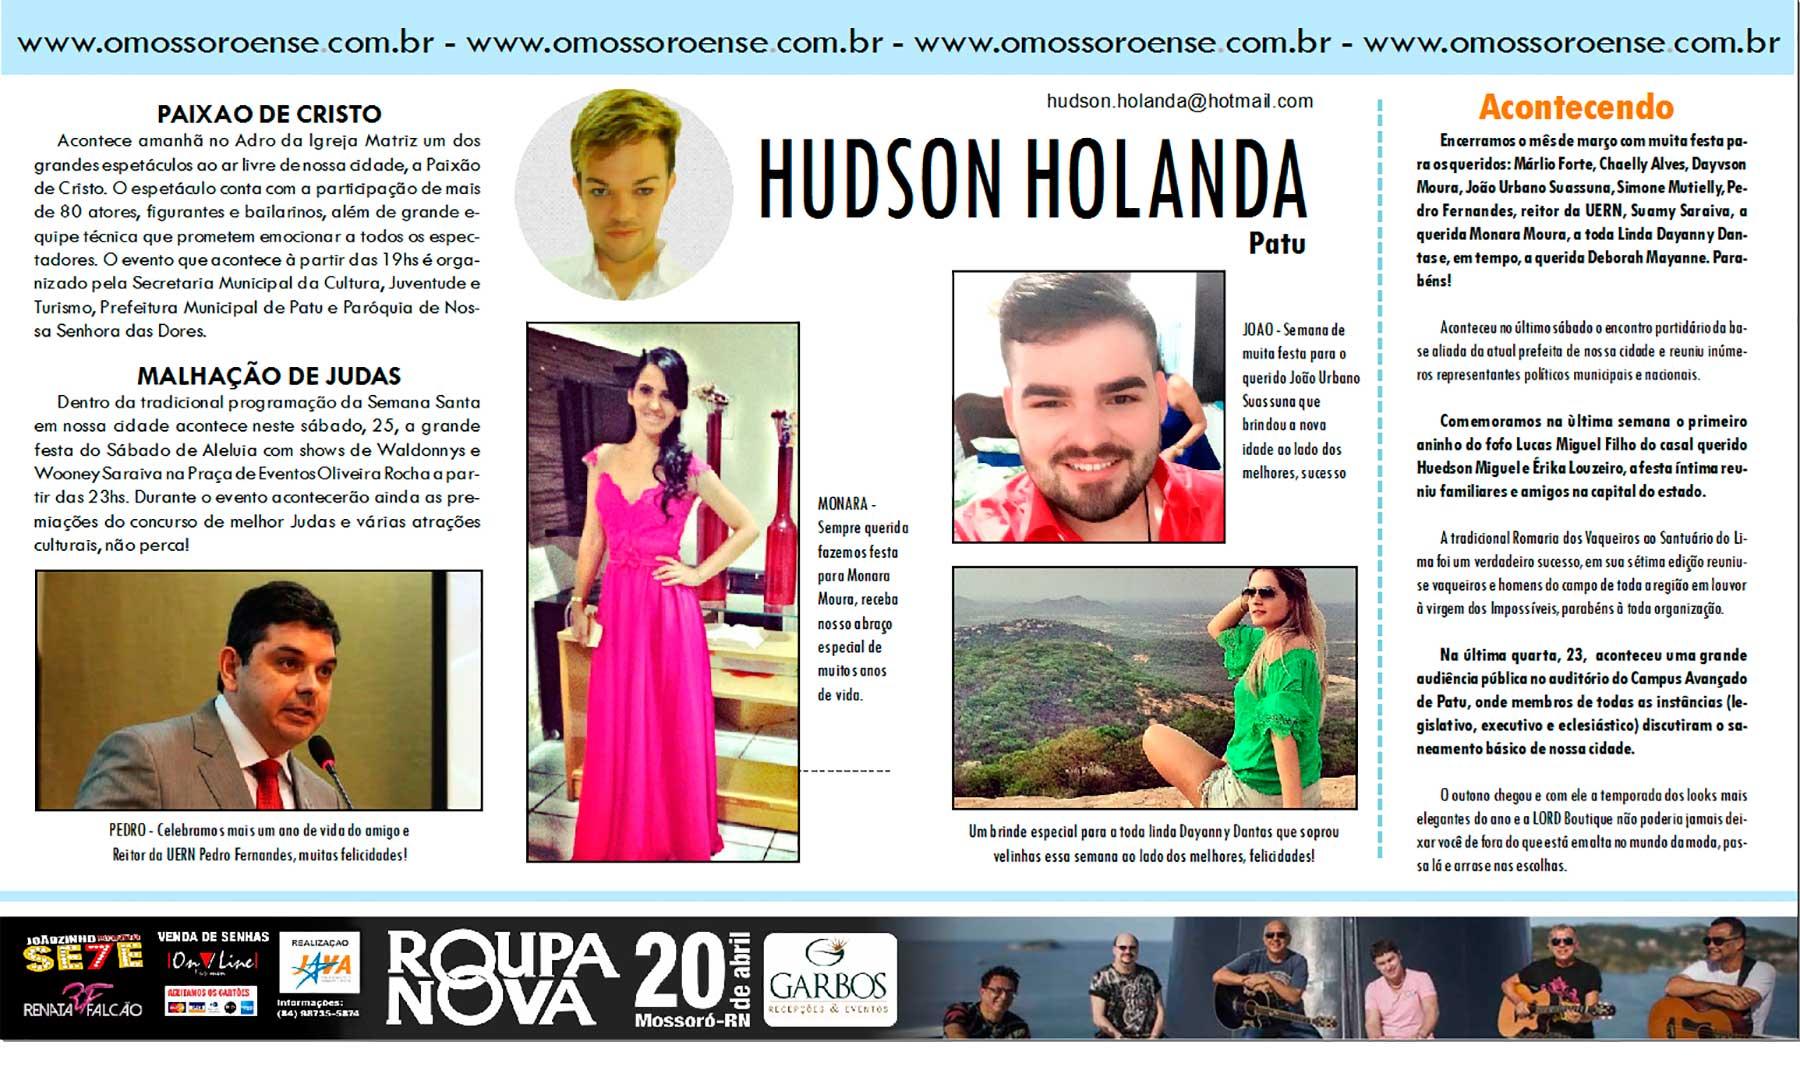 HUDSON-HOLANDA---25-03-16